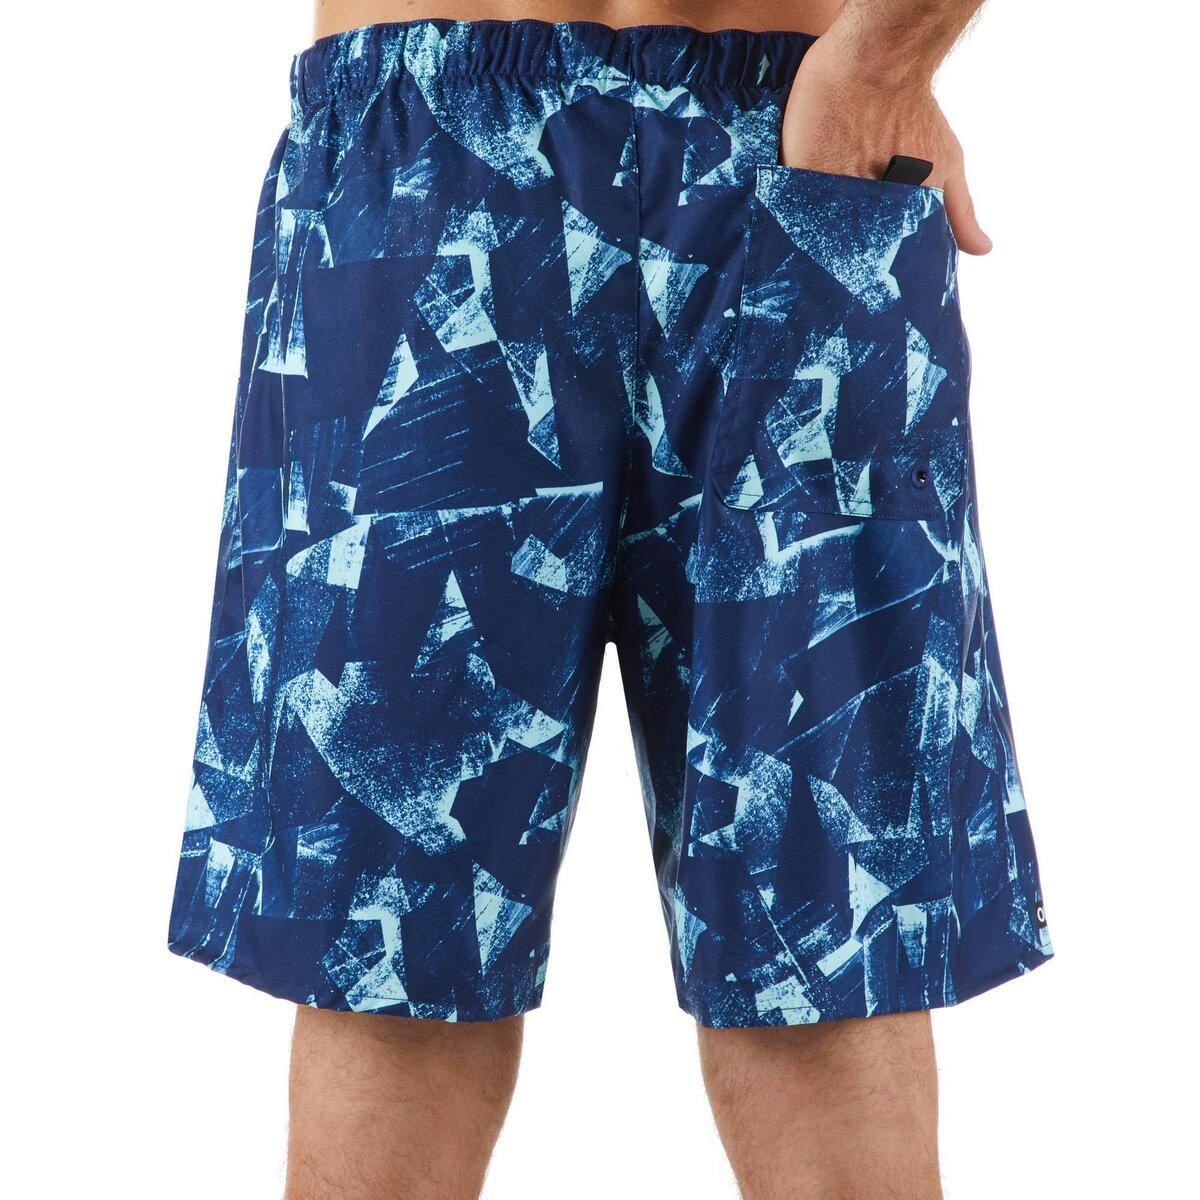 Bild 4 von Boardshorts Surfen Standard 100 Papercut blau